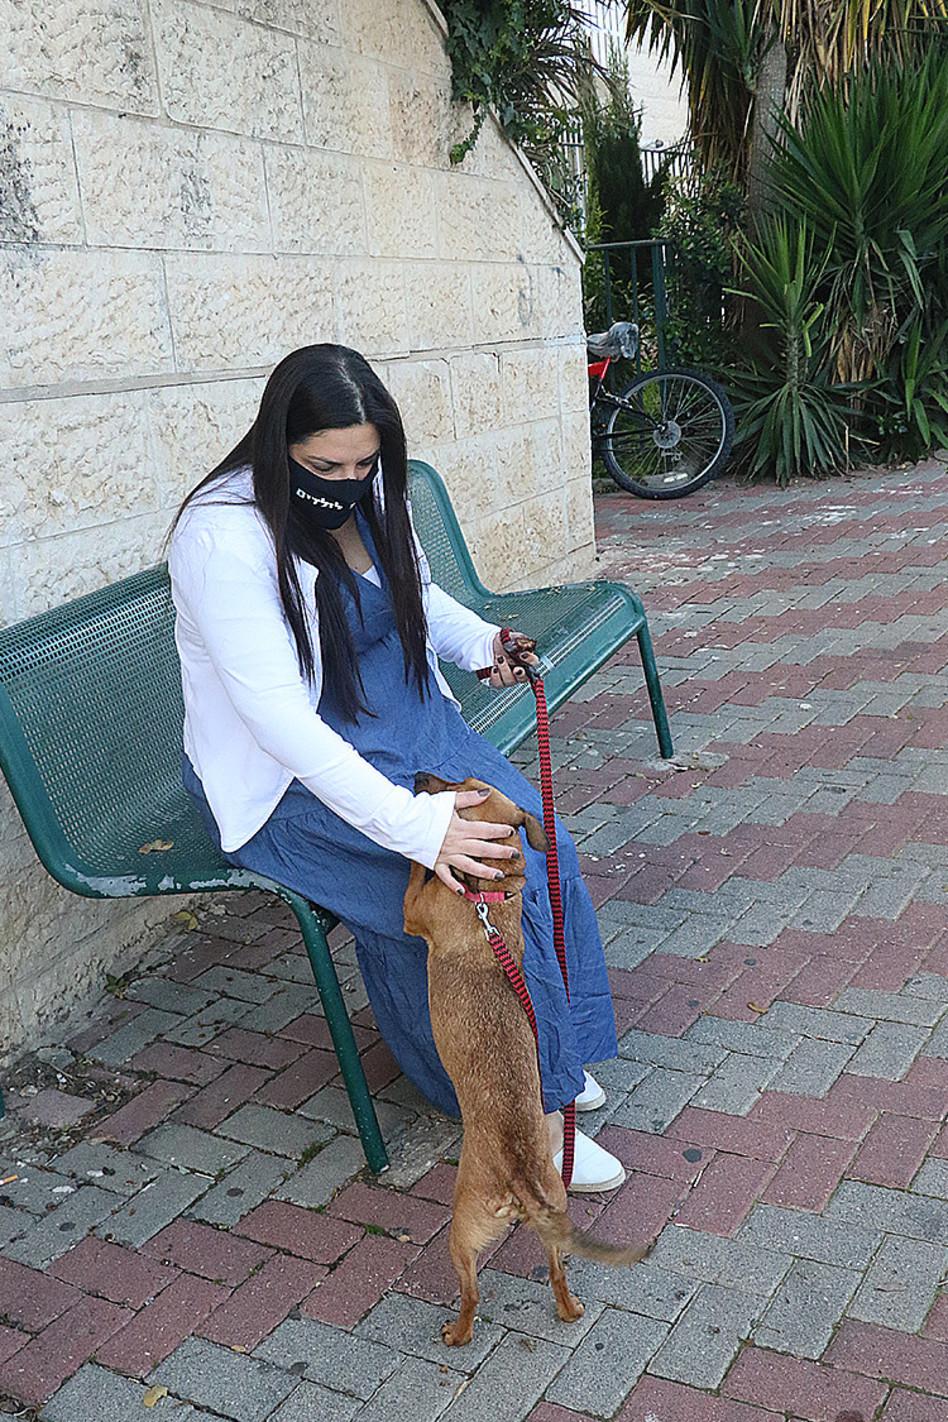 לוקחת מנוחה עם הכלב (צילום: פול סגל)